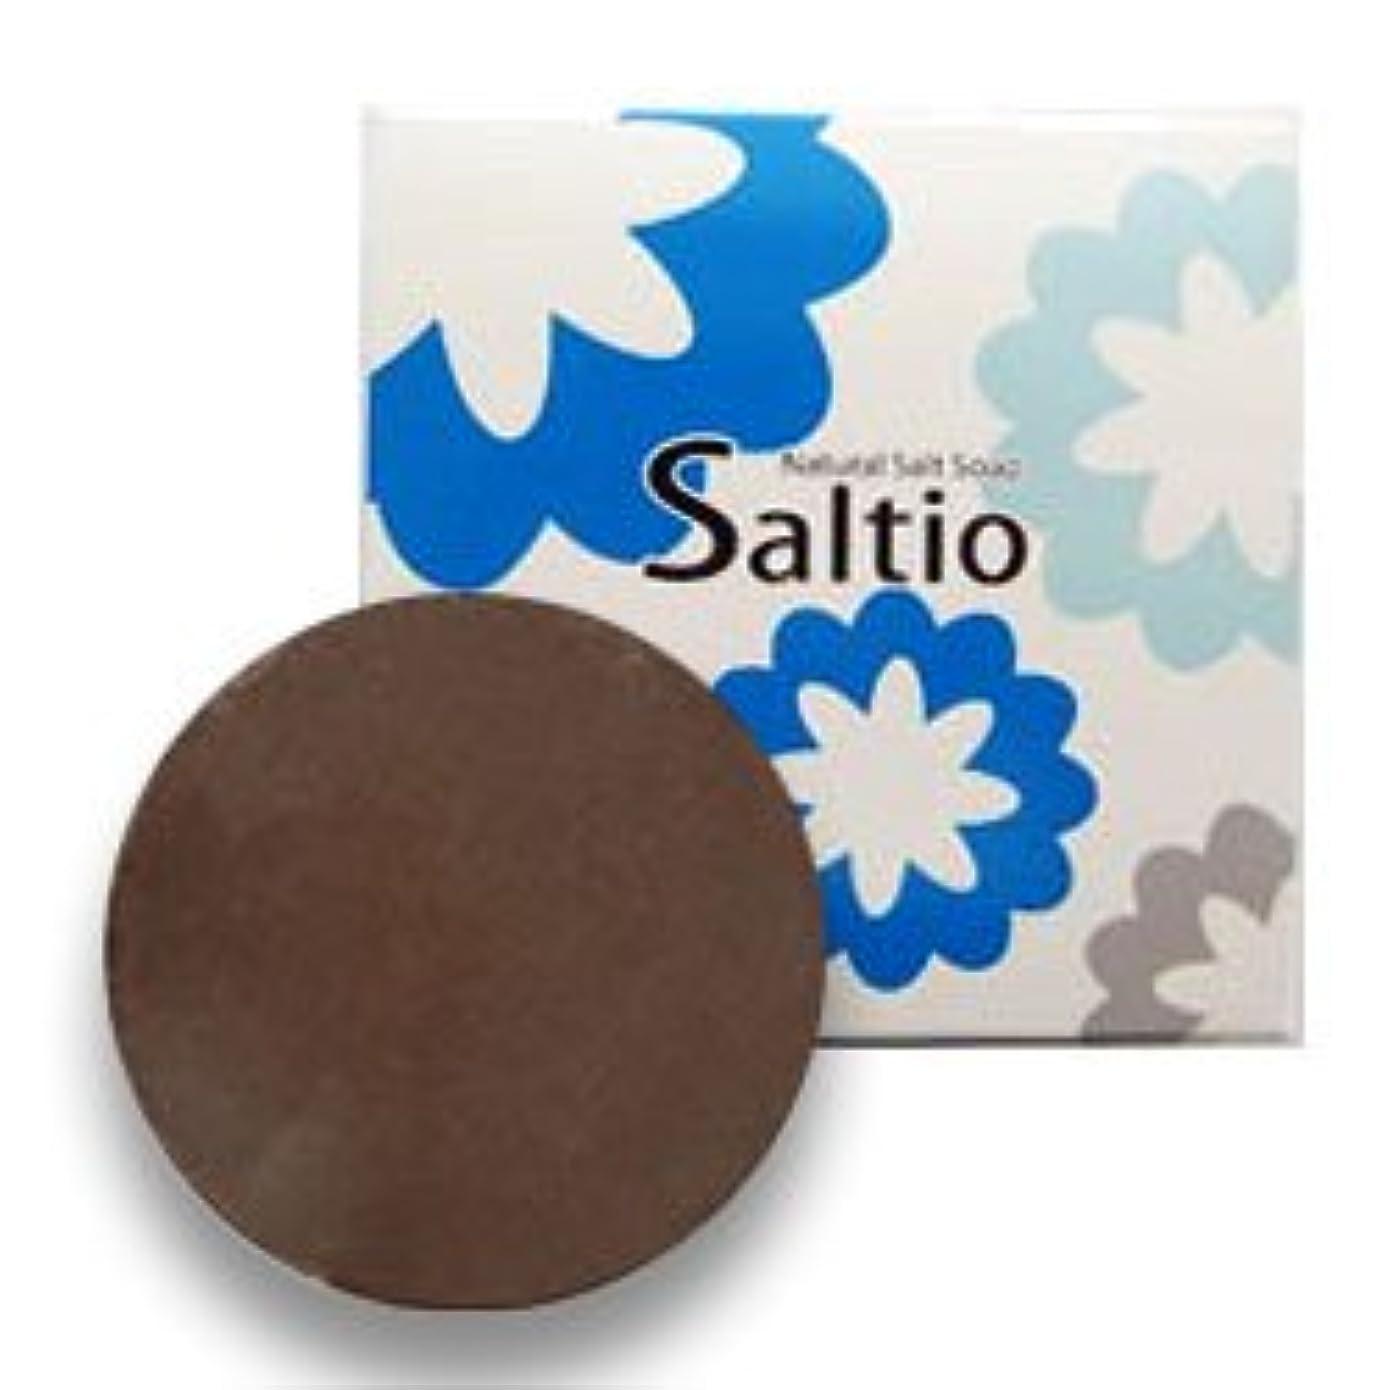 入札かどうか正気無添加 石鹸 Saltio ソルティオ 泡立てネット 付き ( 洗顔?浴用 石けん ) 80g  / デオドラント